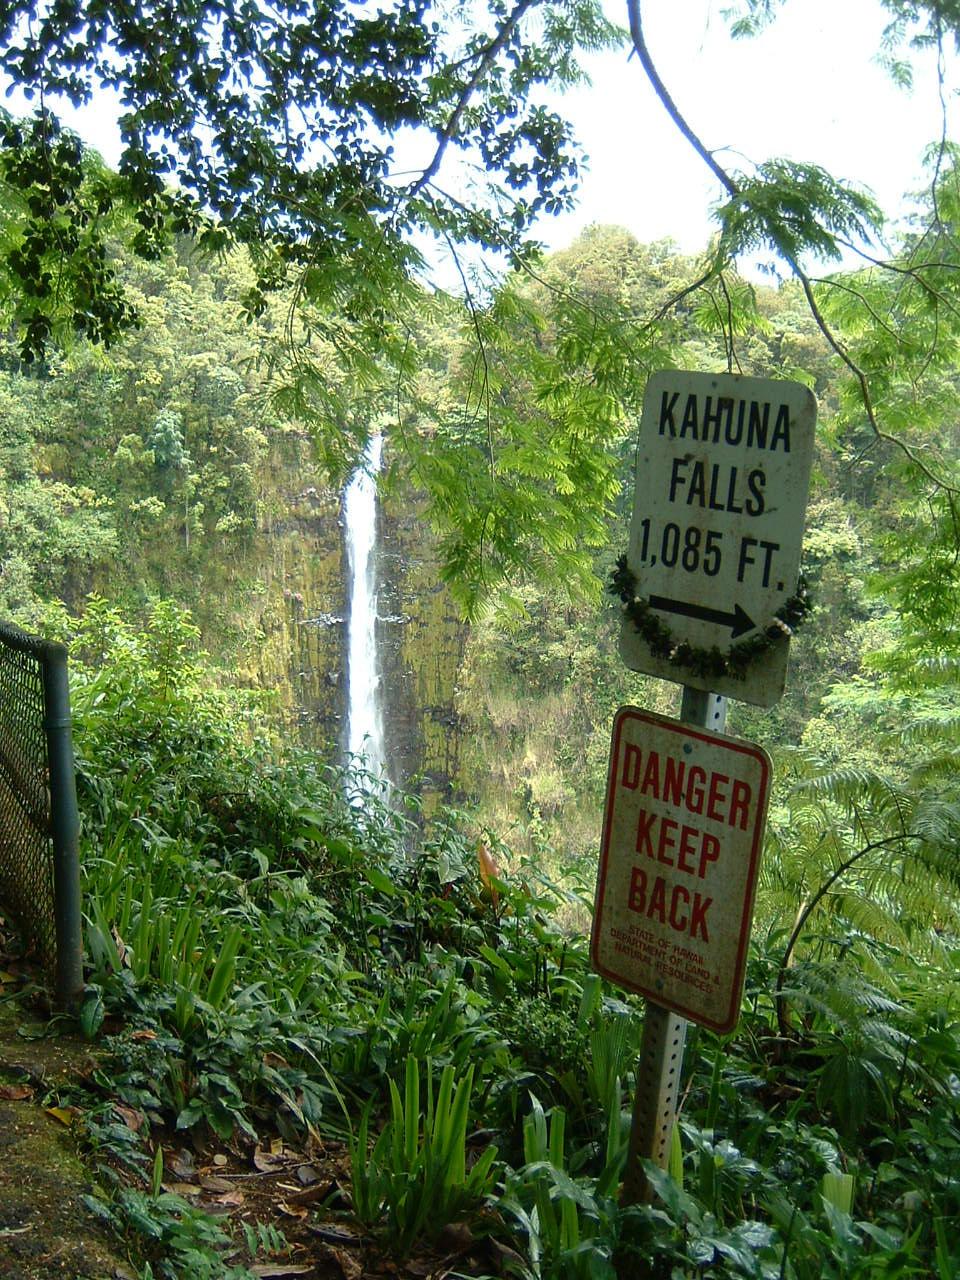 Akaka Falls Wallpaper 1 085 Feet By Hitokirivader On Deviantart